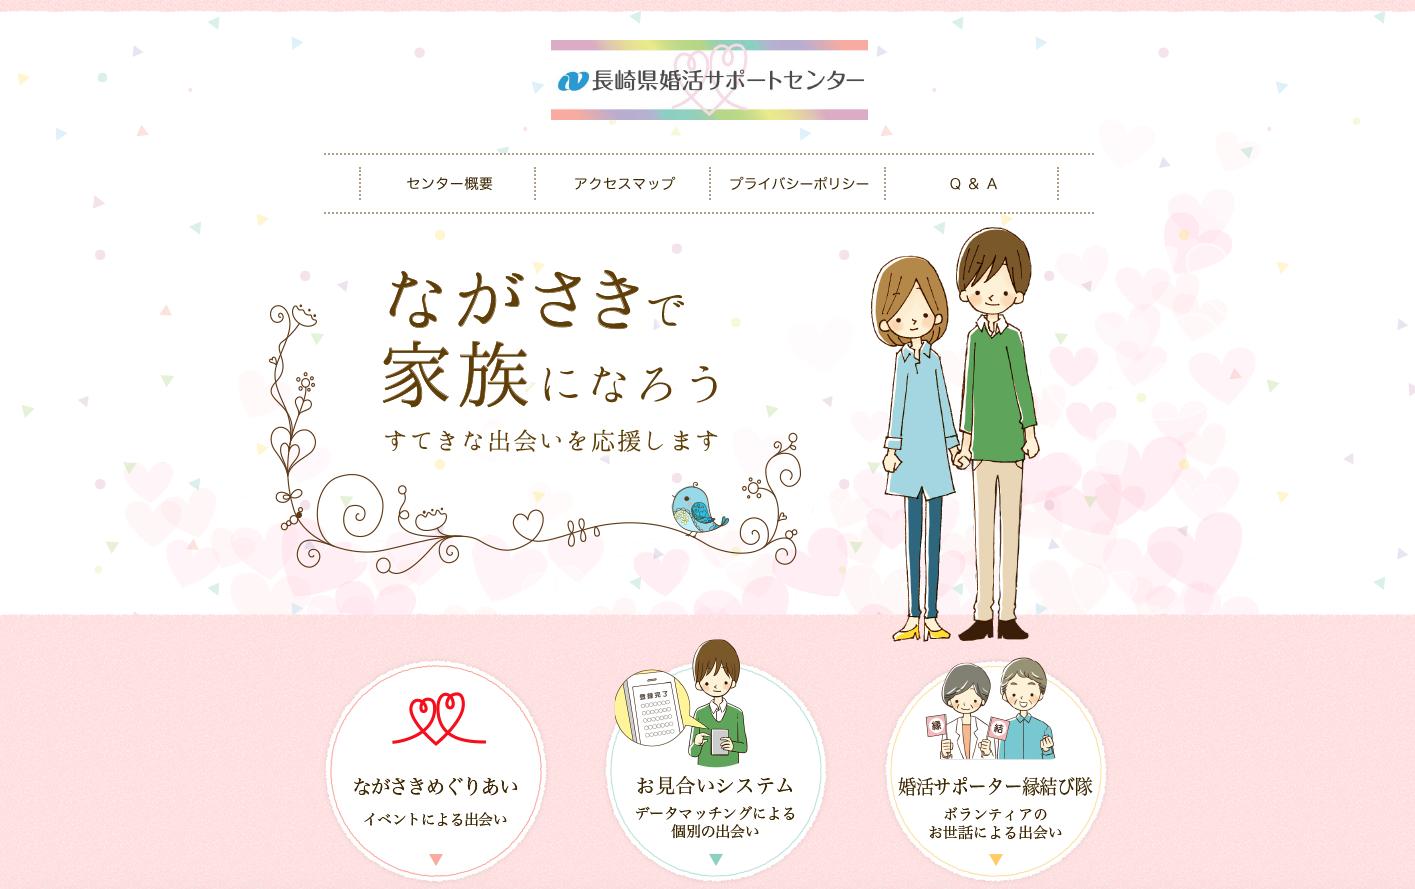 長崎県婚活サポートセンターの公式ページ